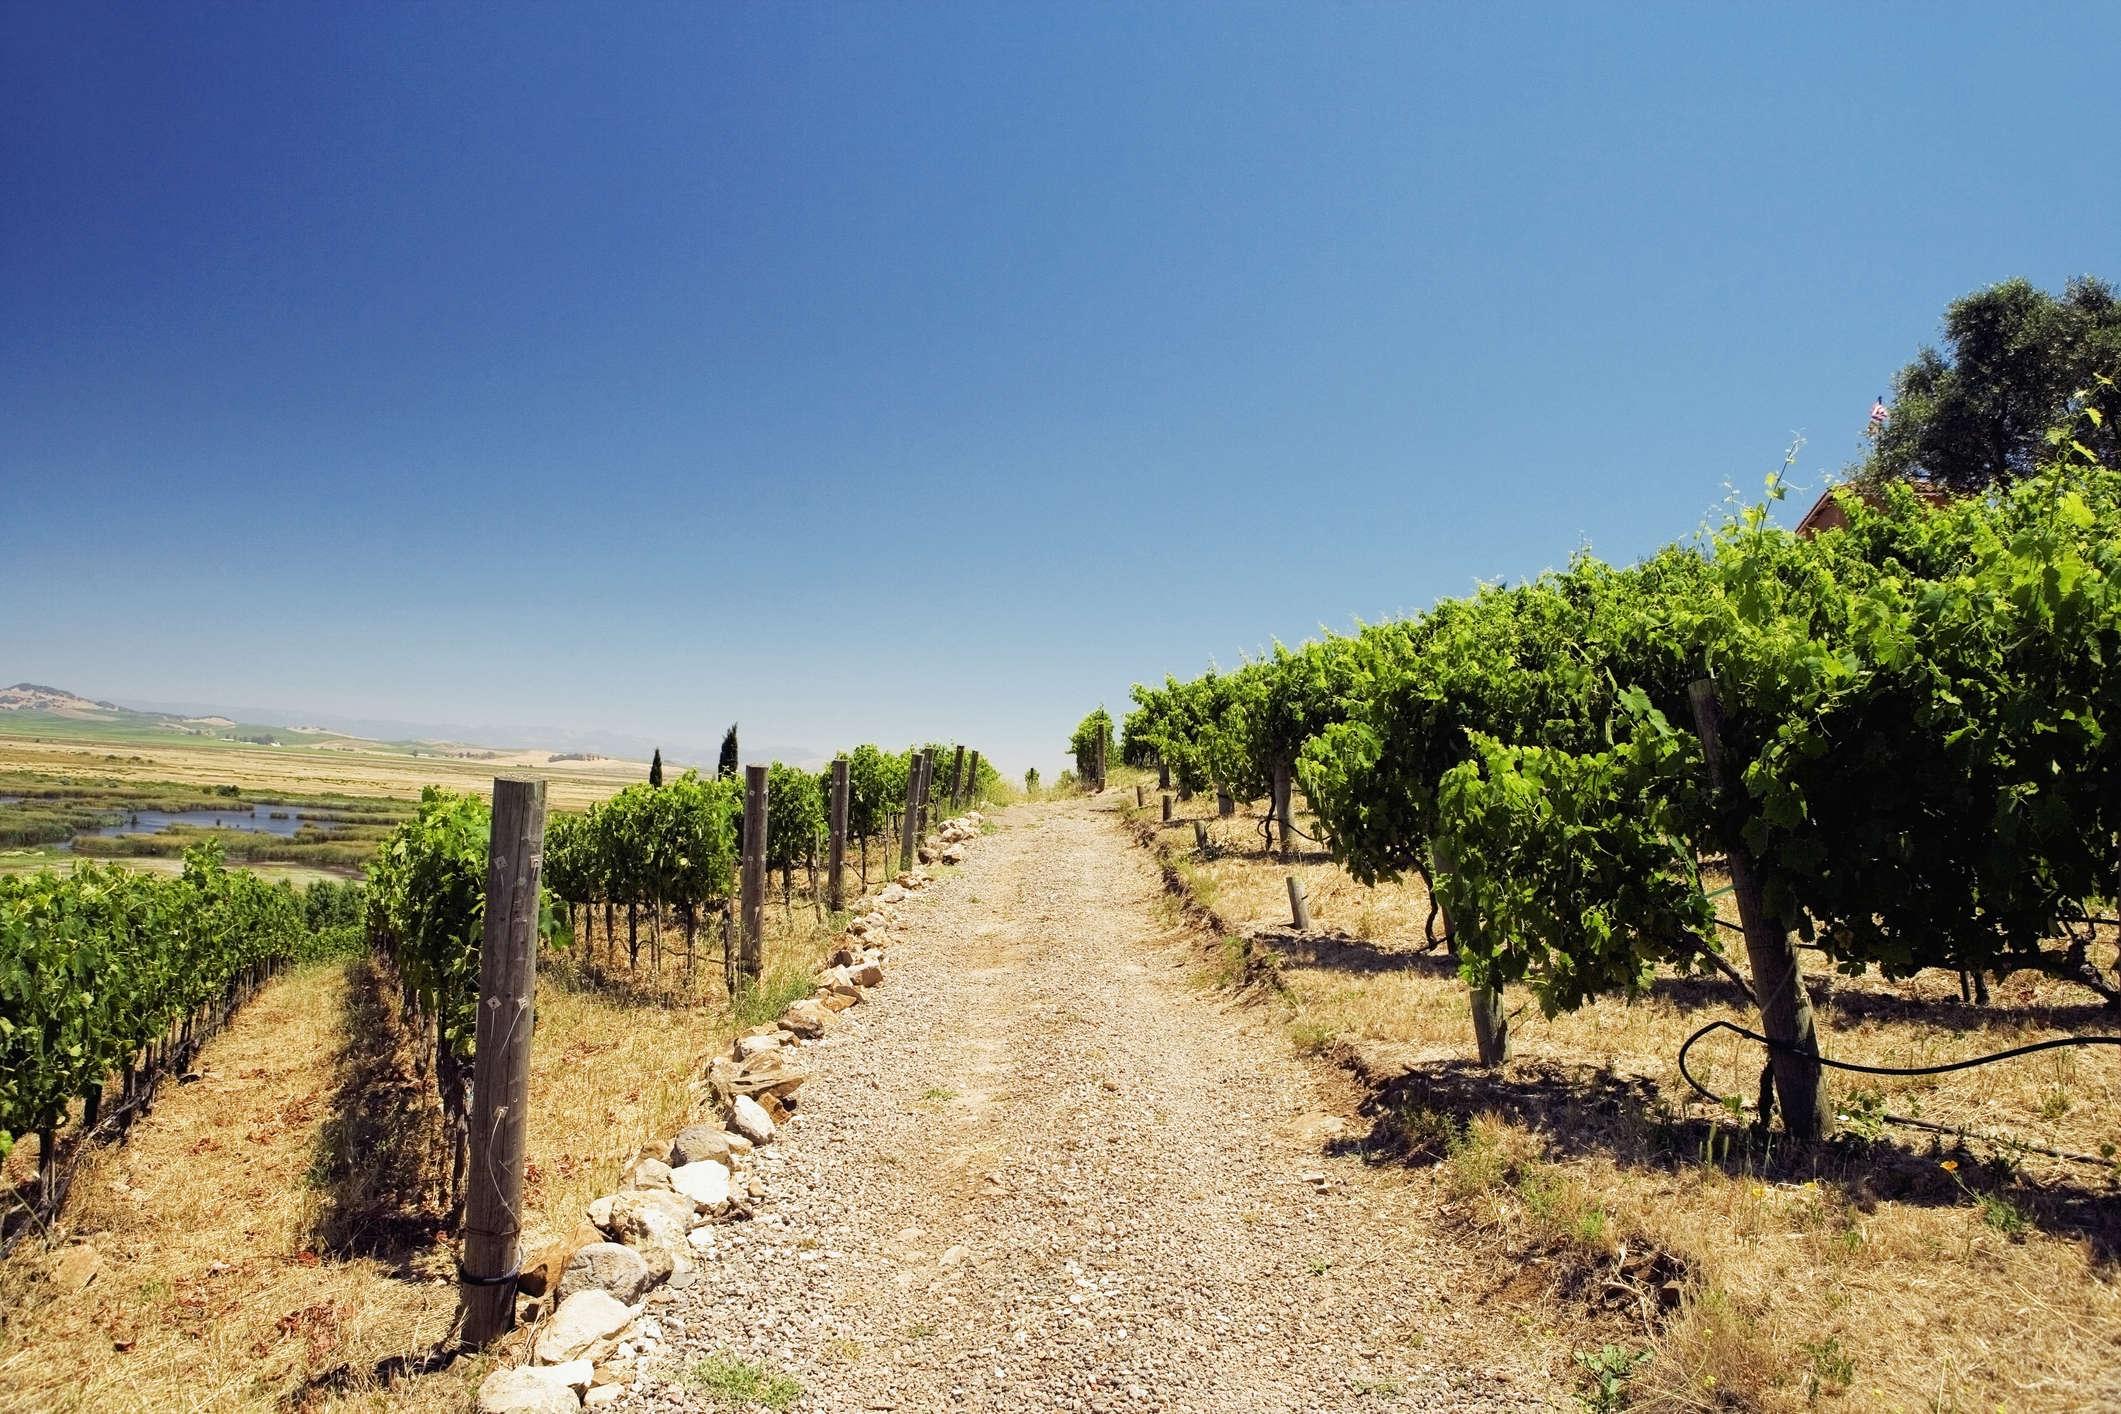 Panoramic view of a vineyard, Napa Valley, California, USA